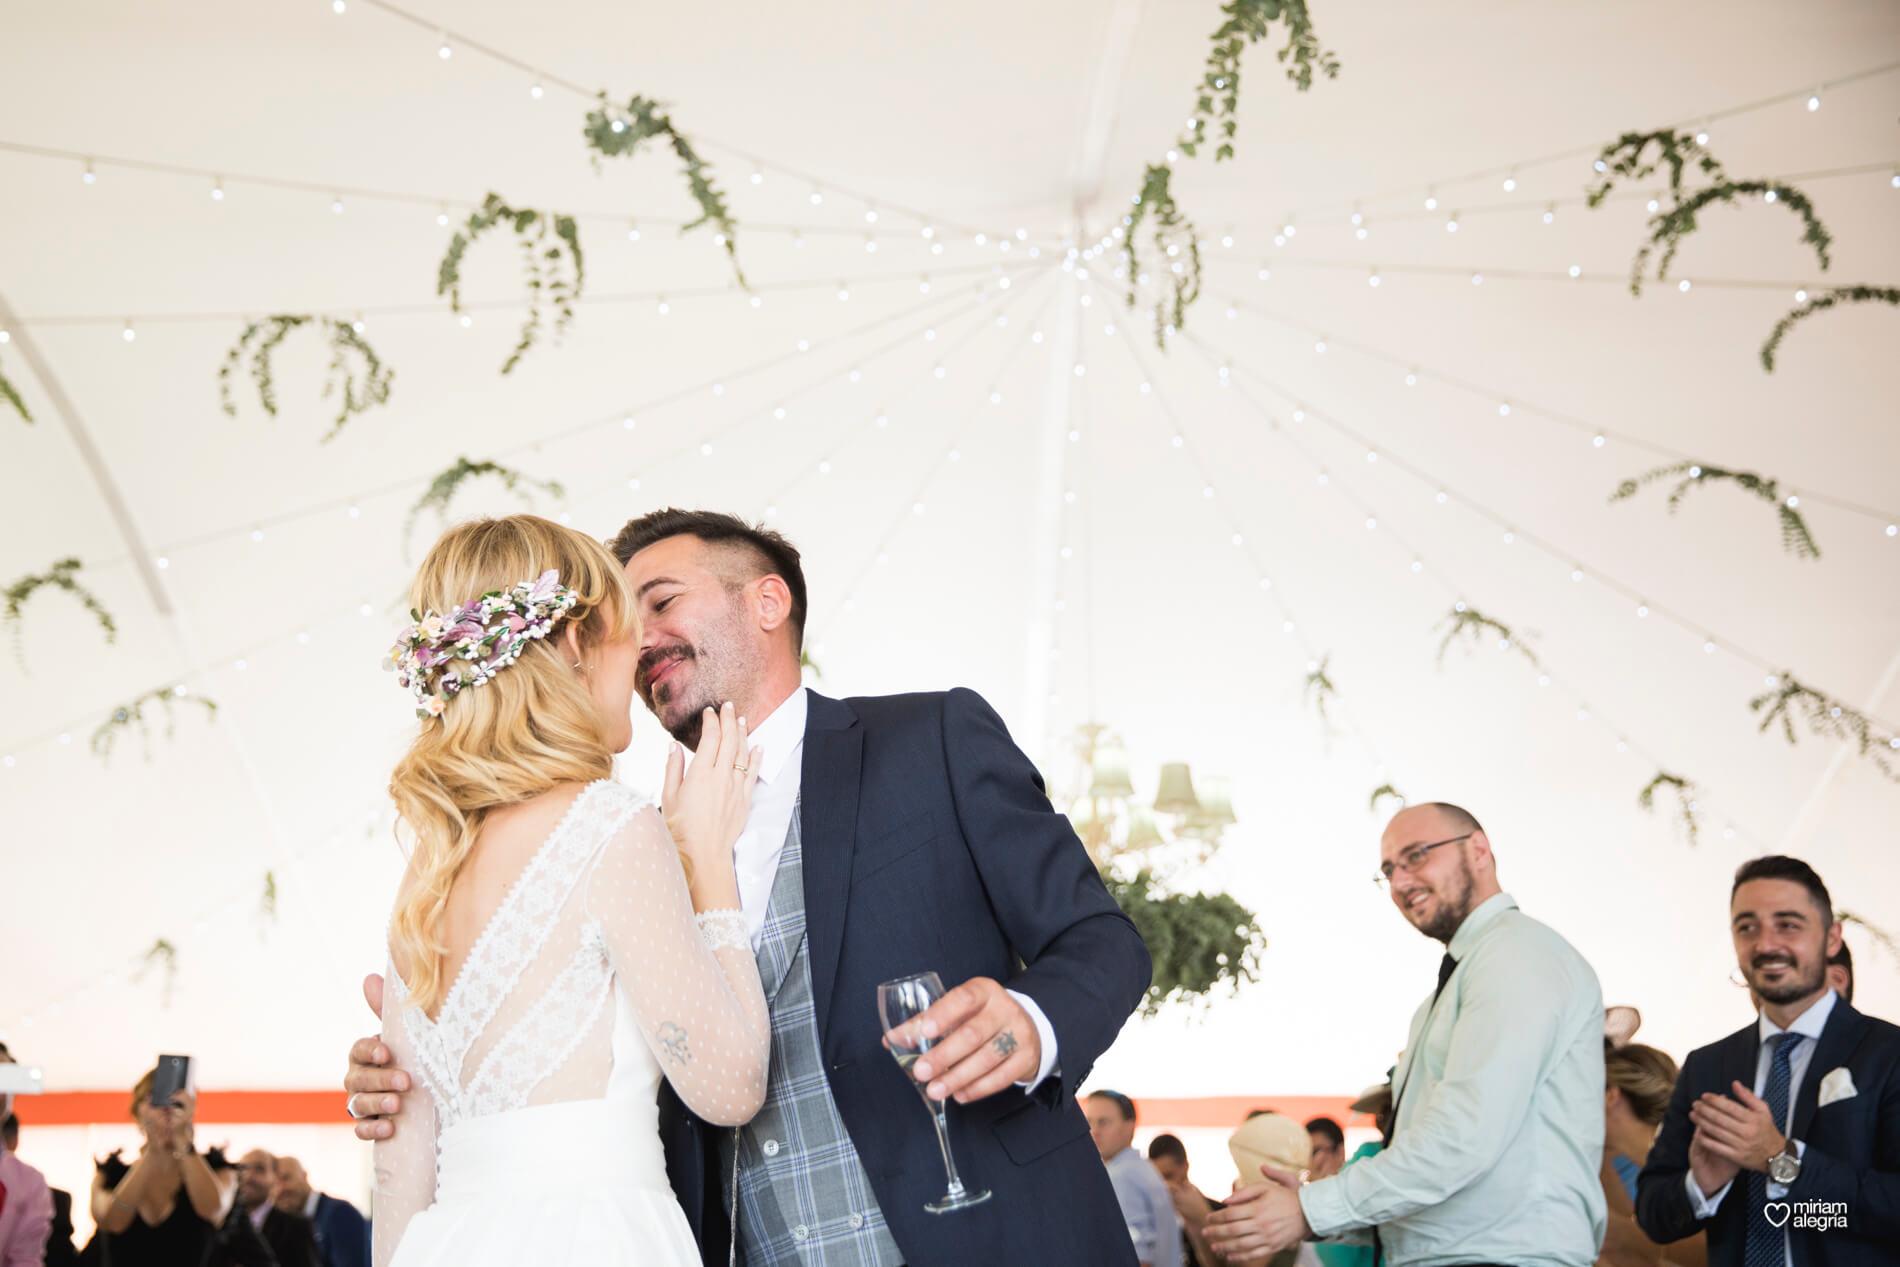 boda-en-finca-villa-vera-de-alemc7-miriam-alegria-fotografos-boda-murcia-150